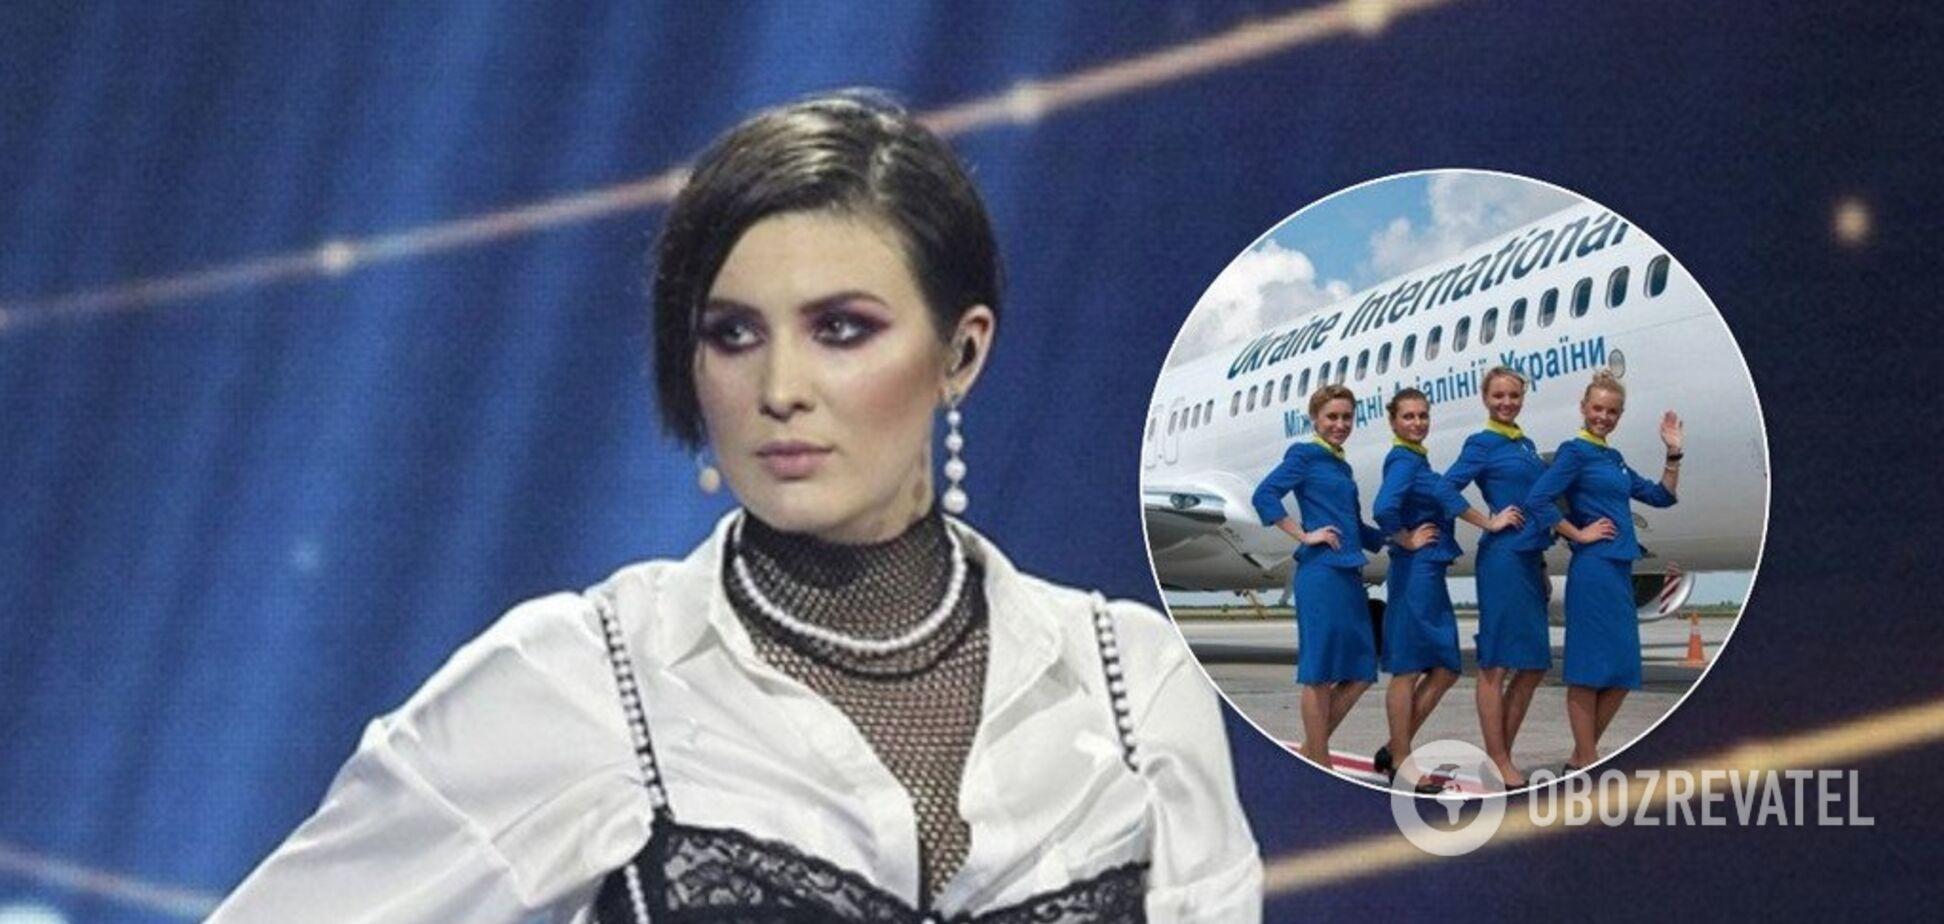 'Сколько, бл**ь, можно?!' MARUV со скандалом обокрали в аэропорту: подробности инцидента